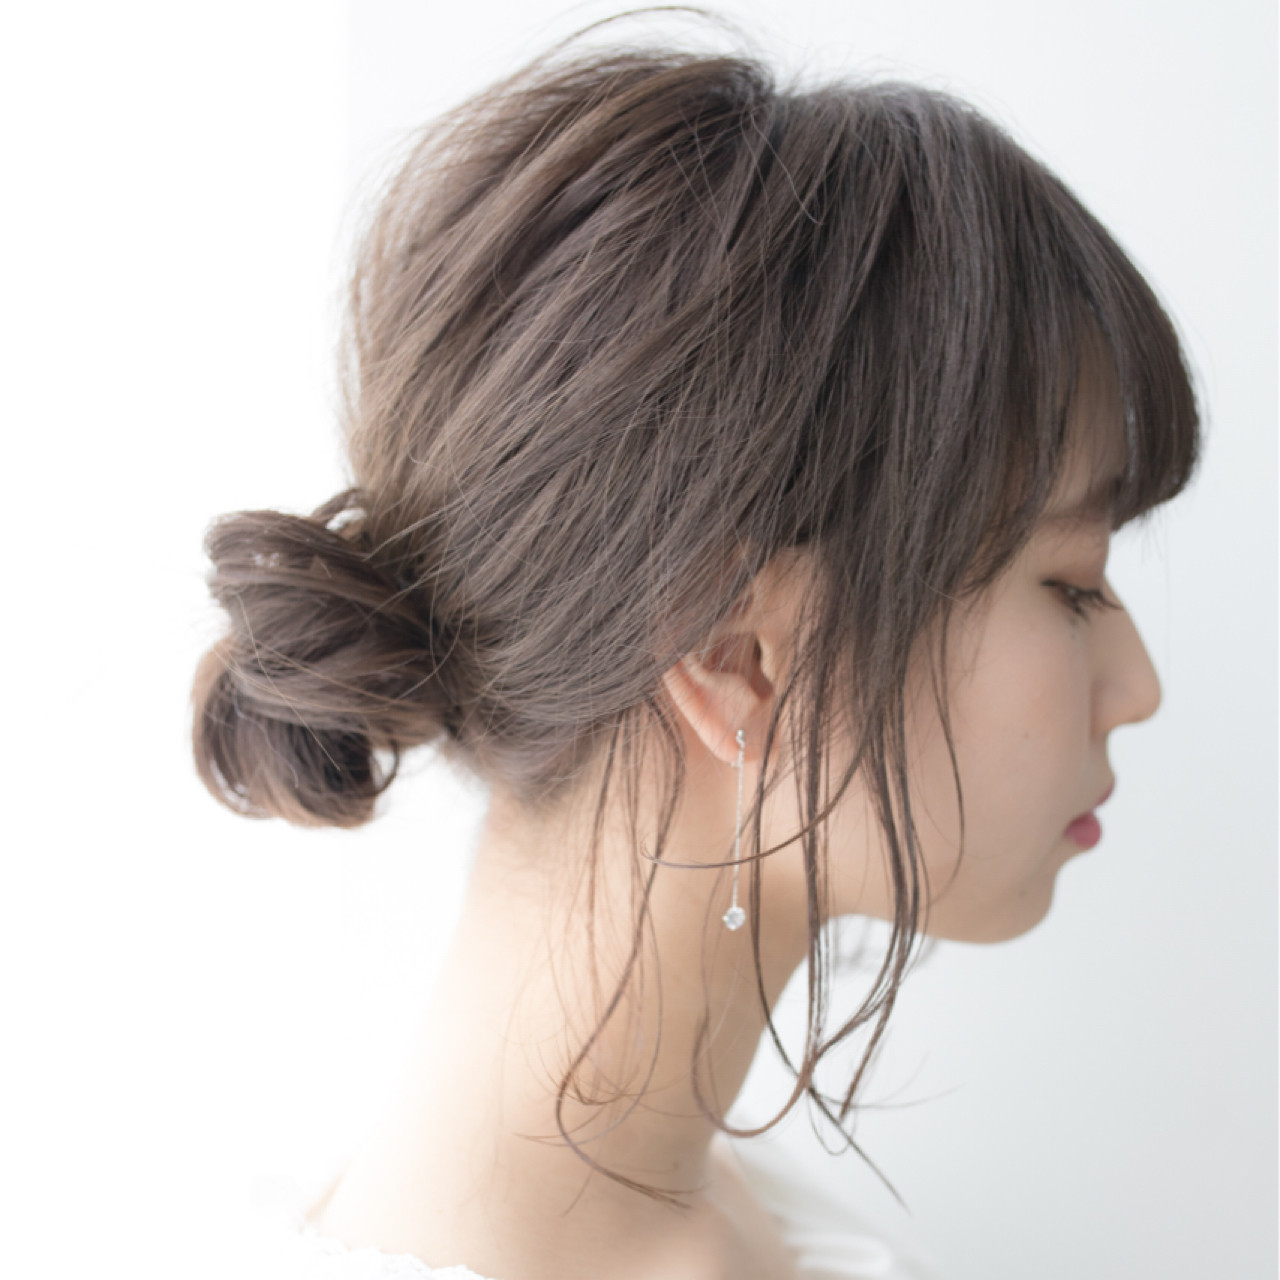 いつもと違う髪型を楽しみたい!簡単かわいいヘアアレンジをご紹介の10枚目の画像